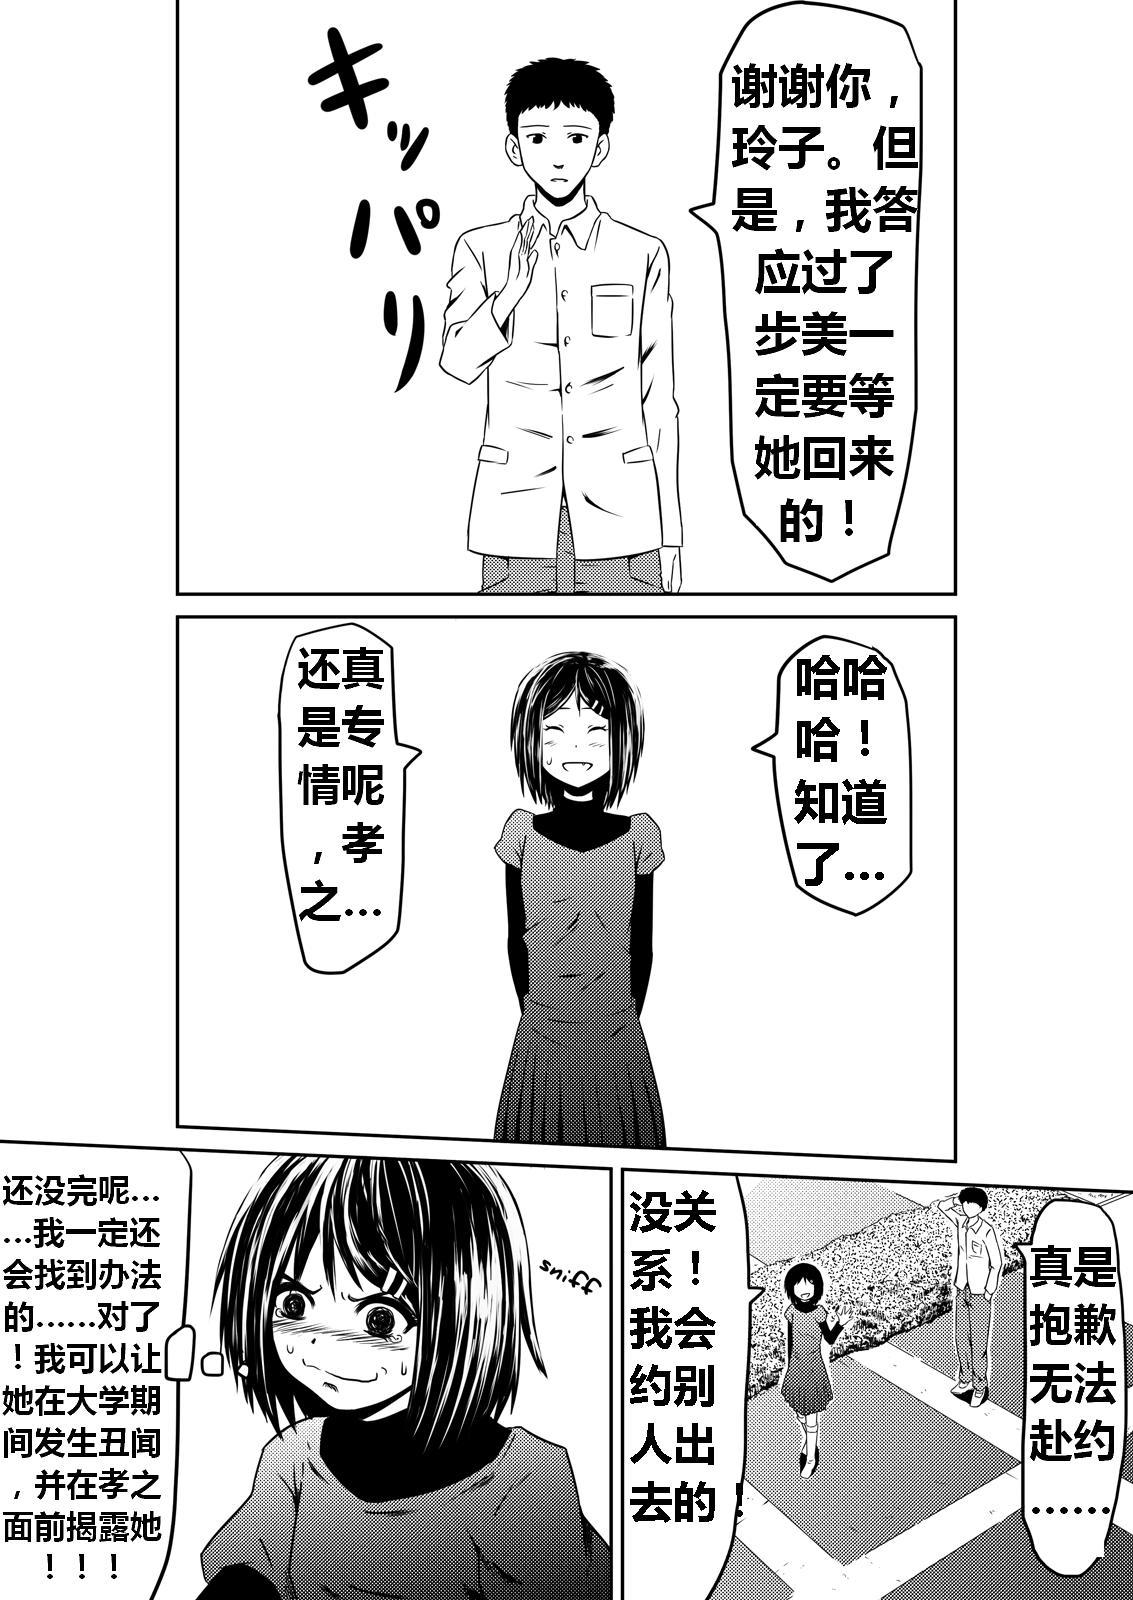 Ore no Kanojo ga Fuuzokujou ni Natta Riyuu | 女朋友下海拍片了 7